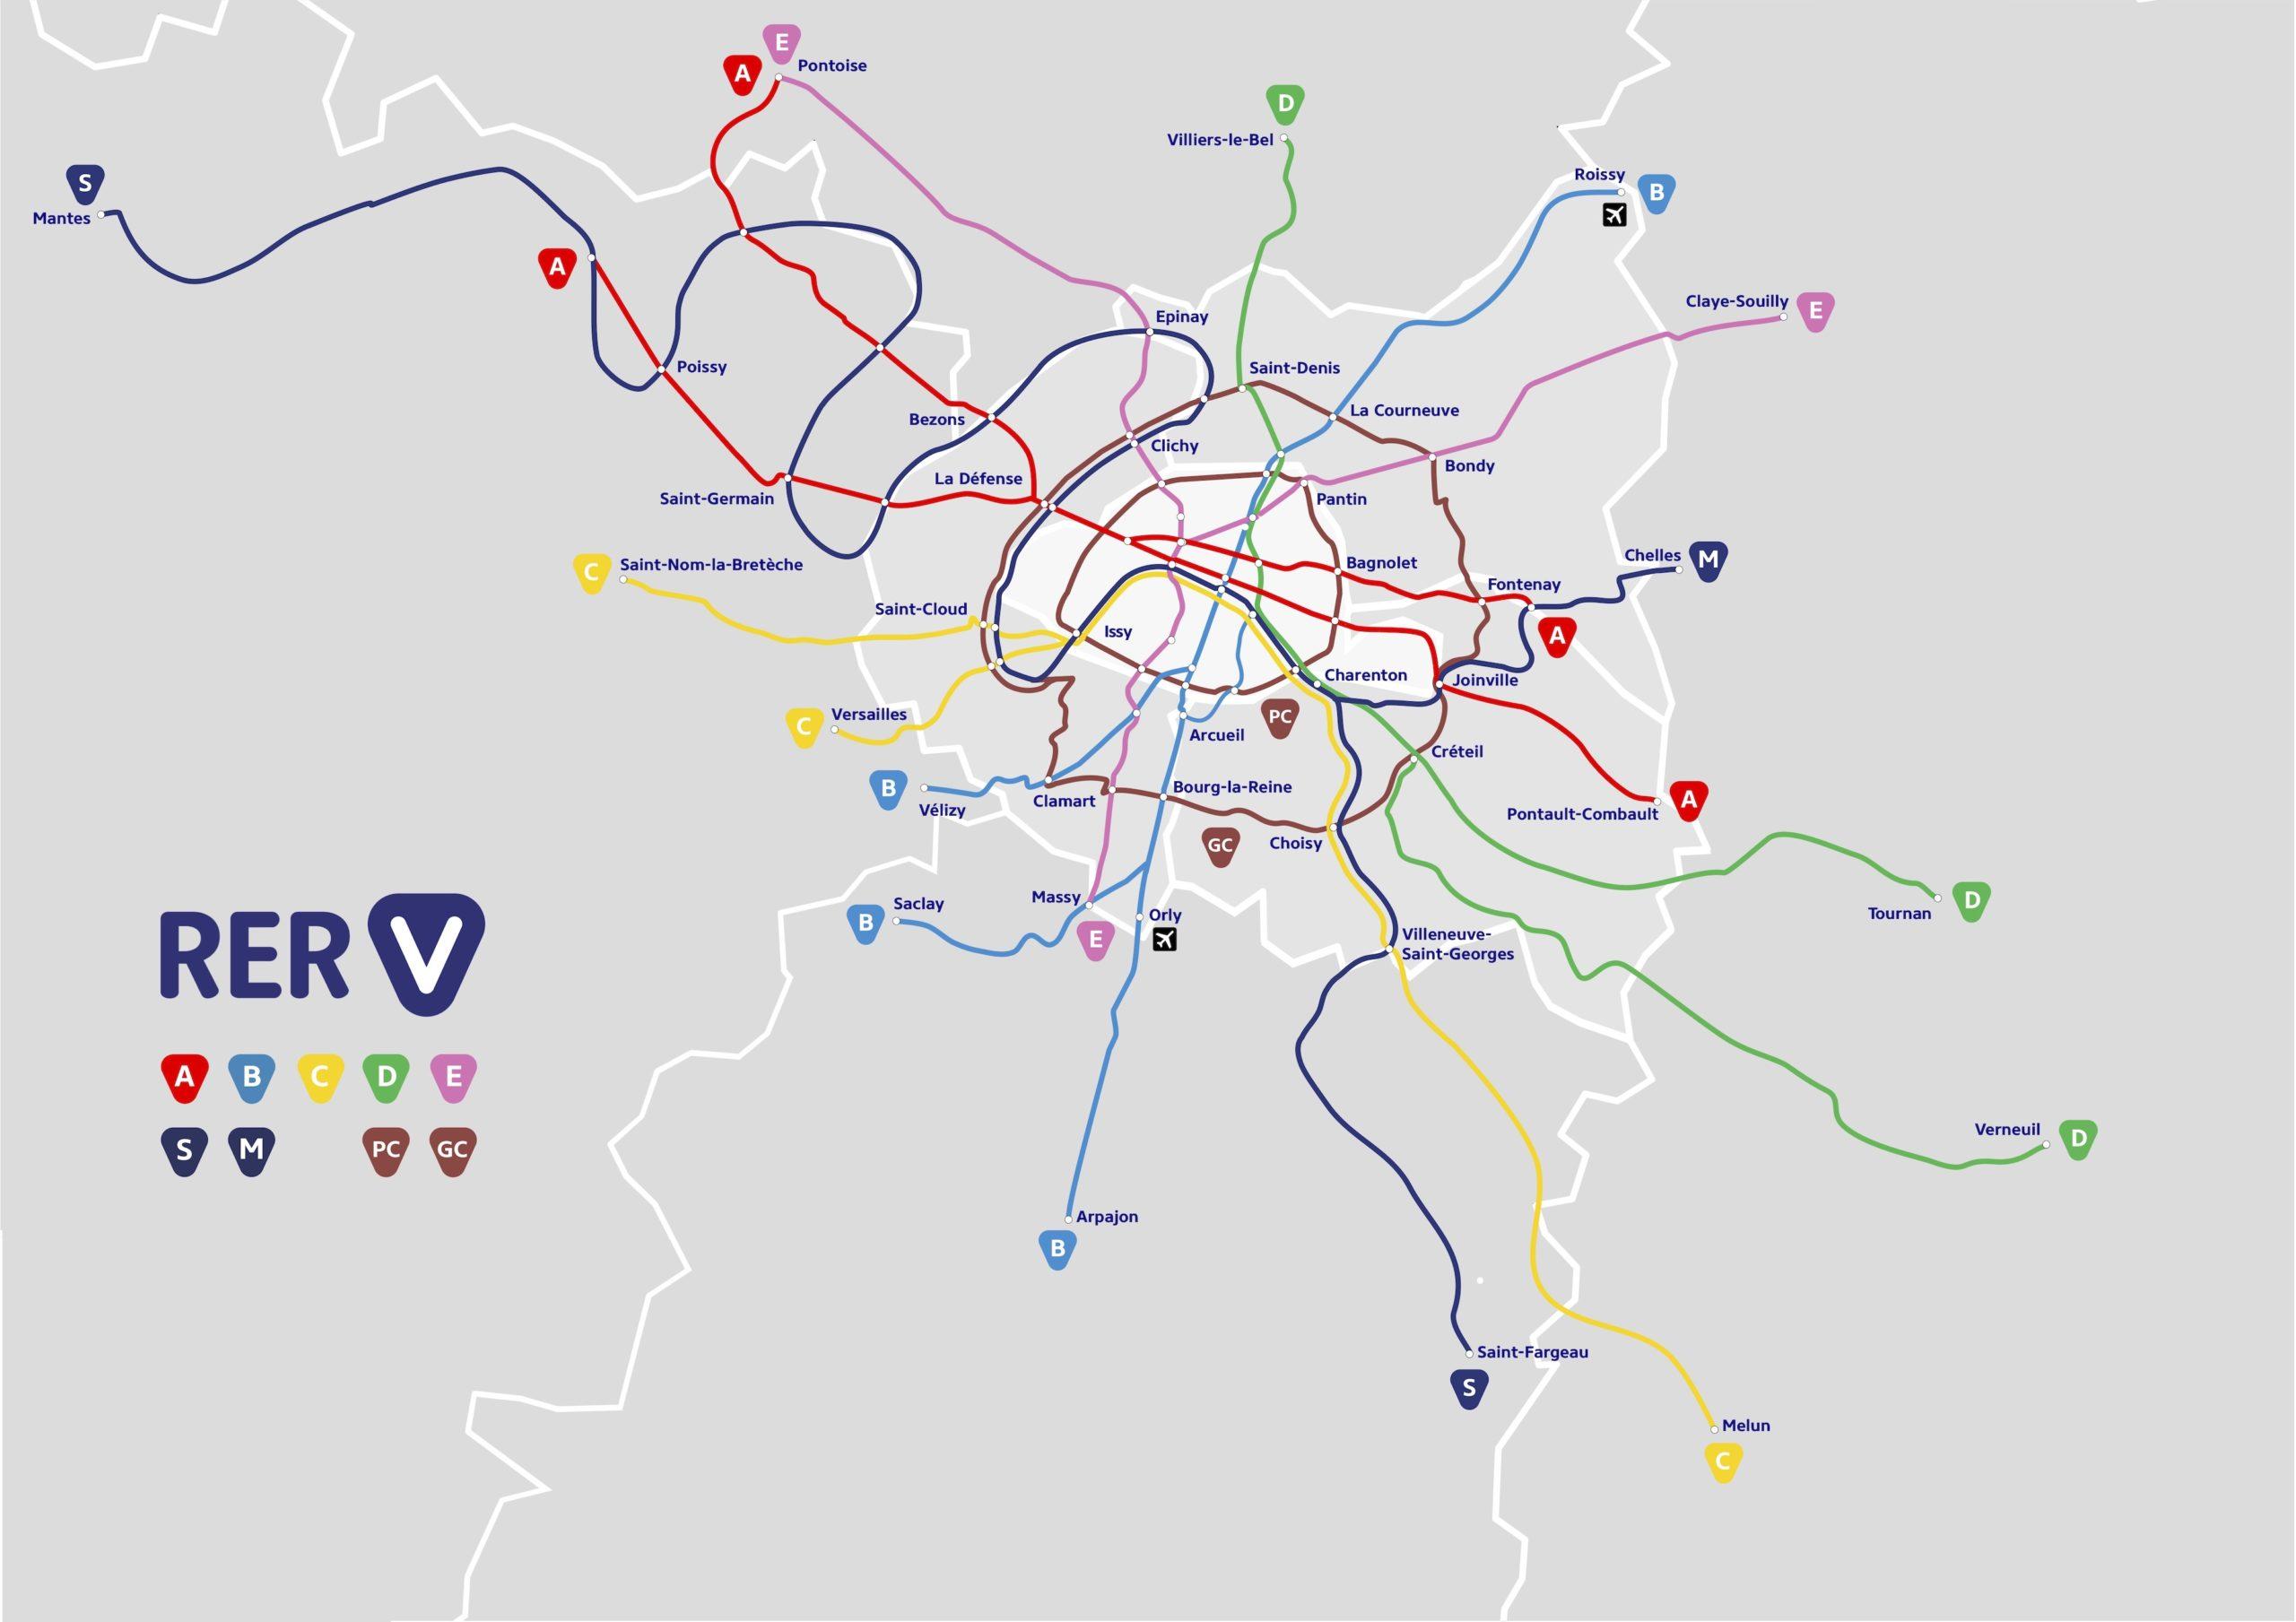 Carte du RERV